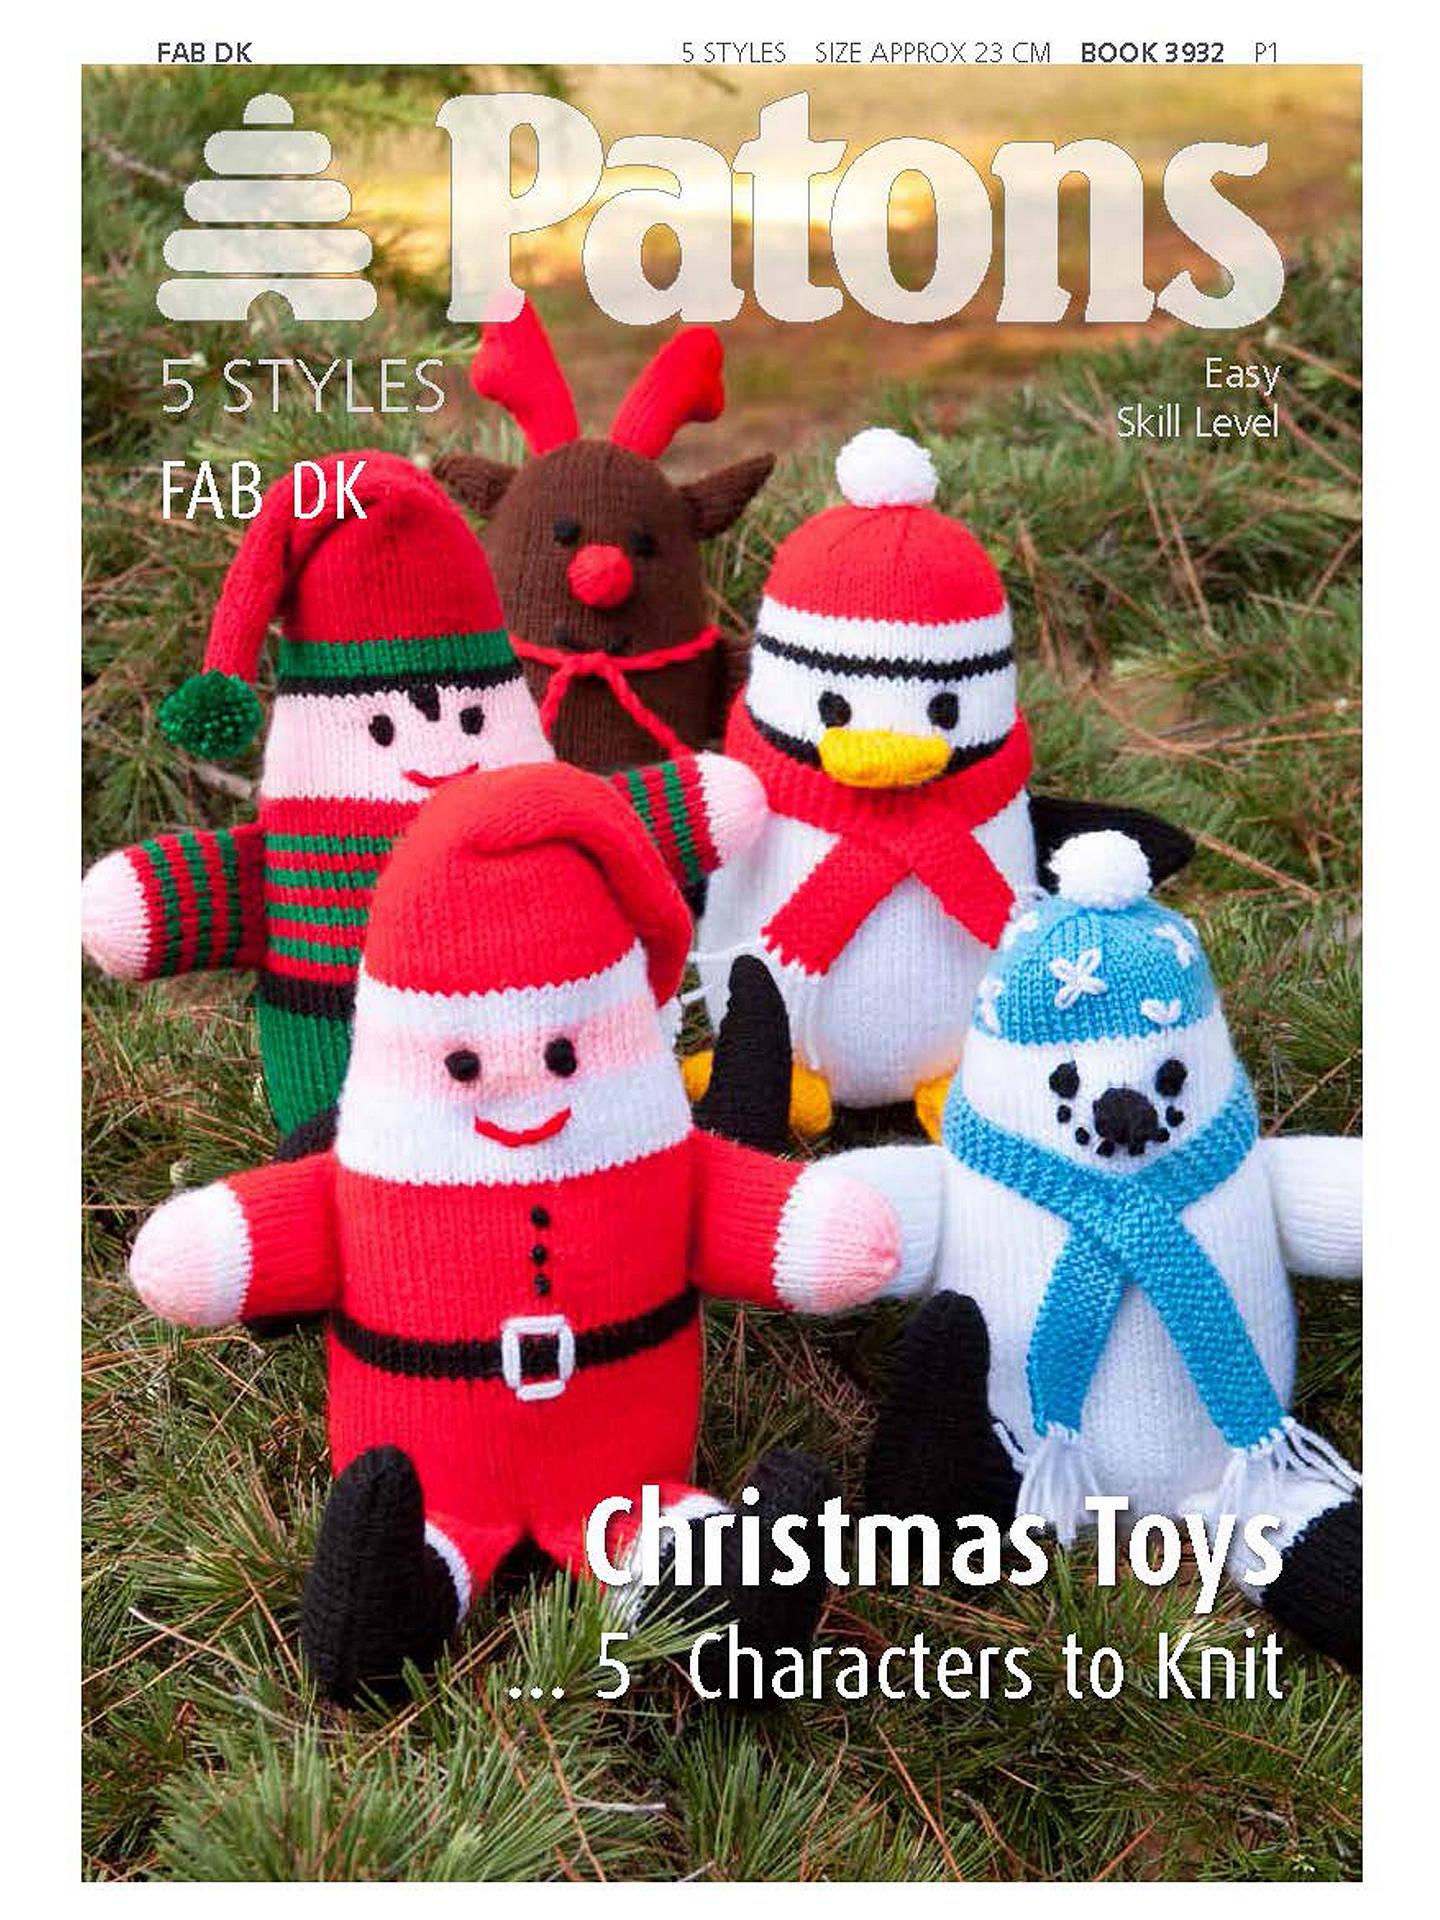 Patons Yarn Christmas Toys Knitting Pattern at John Lewis